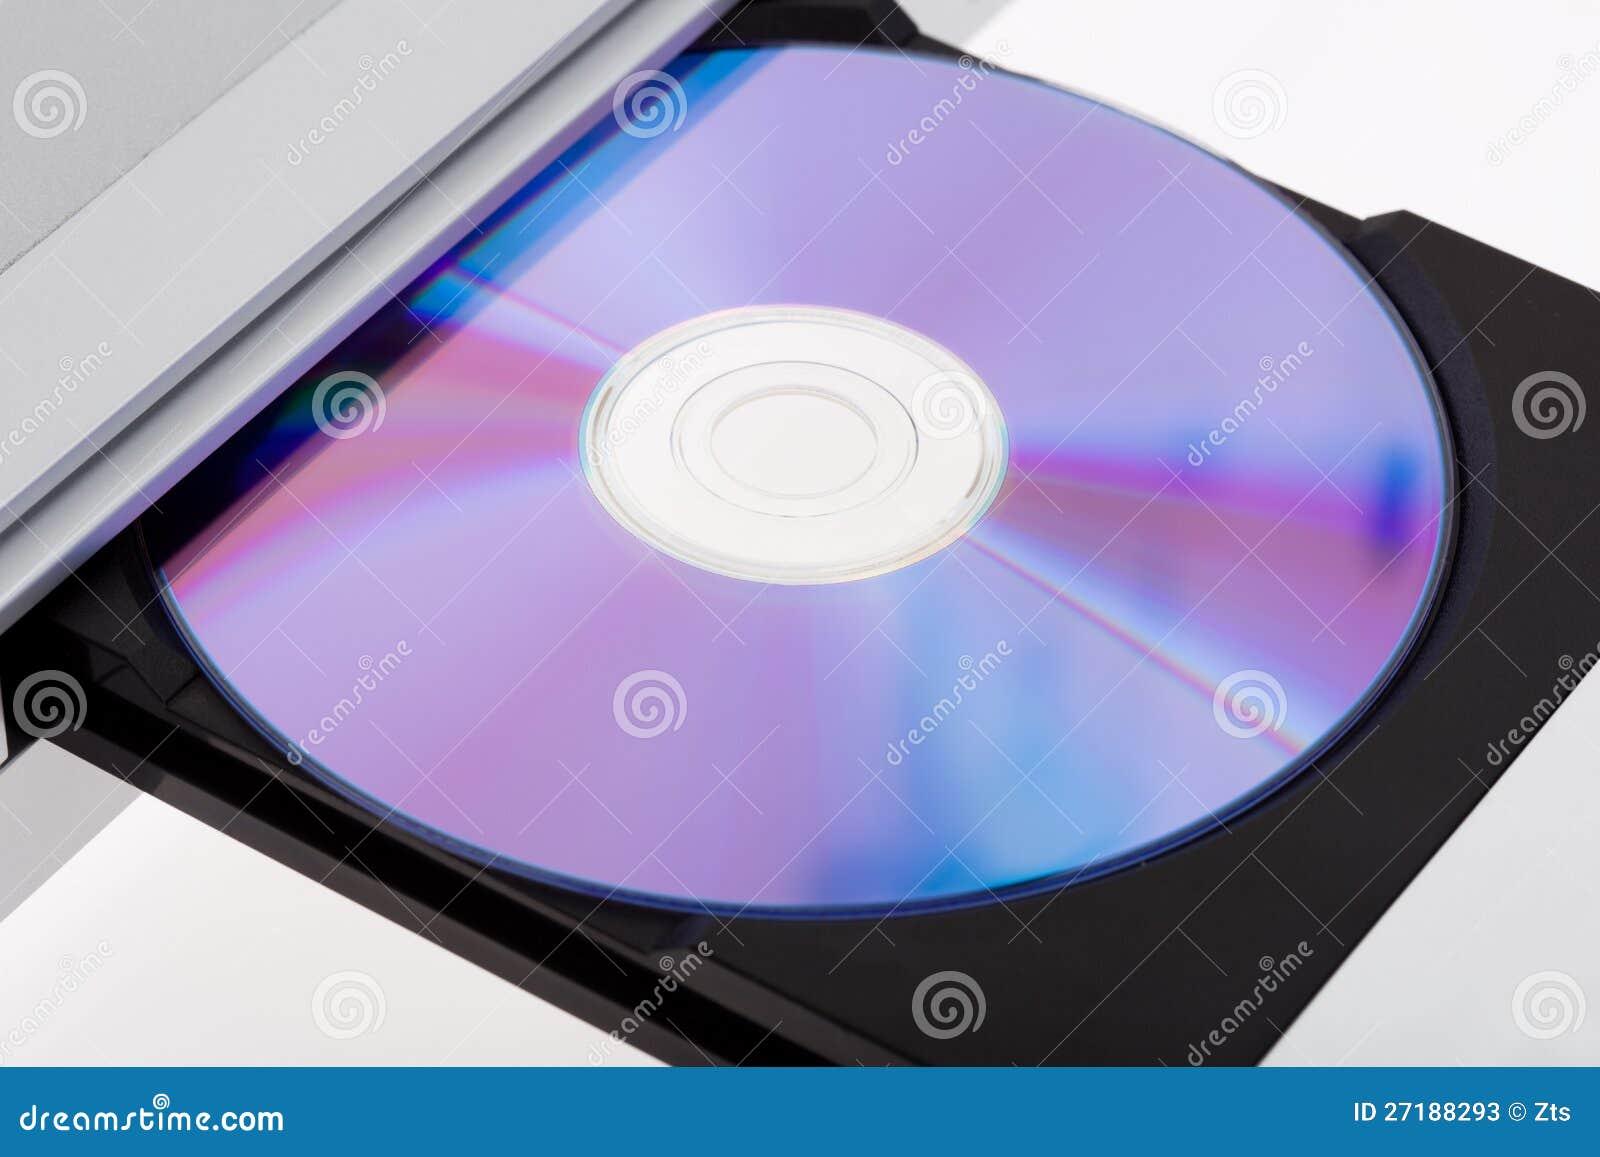 Close-Up (DVD) |Up Close Dvd